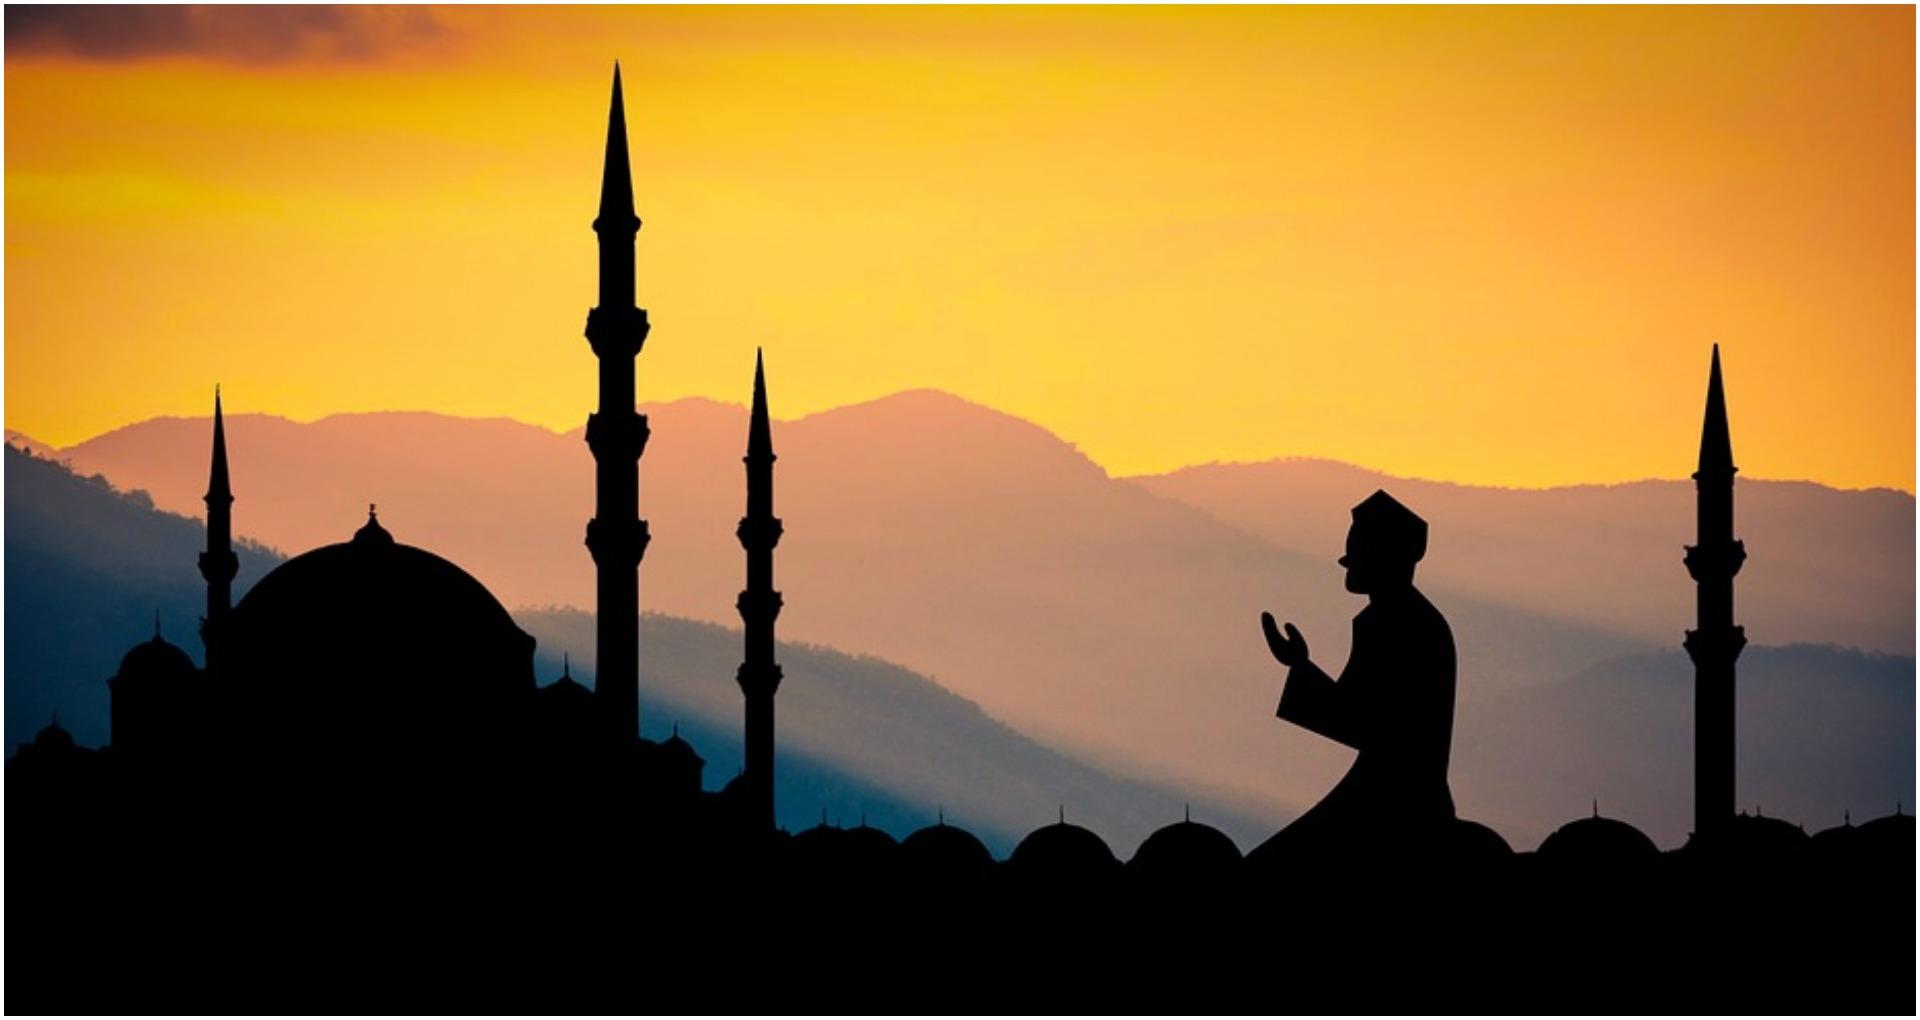 Ramdan 2020 Wishes: अपने दोस्तों और परिवार को इन प्यार भरे संदेशों से दें रमजान की मुबारकबाद